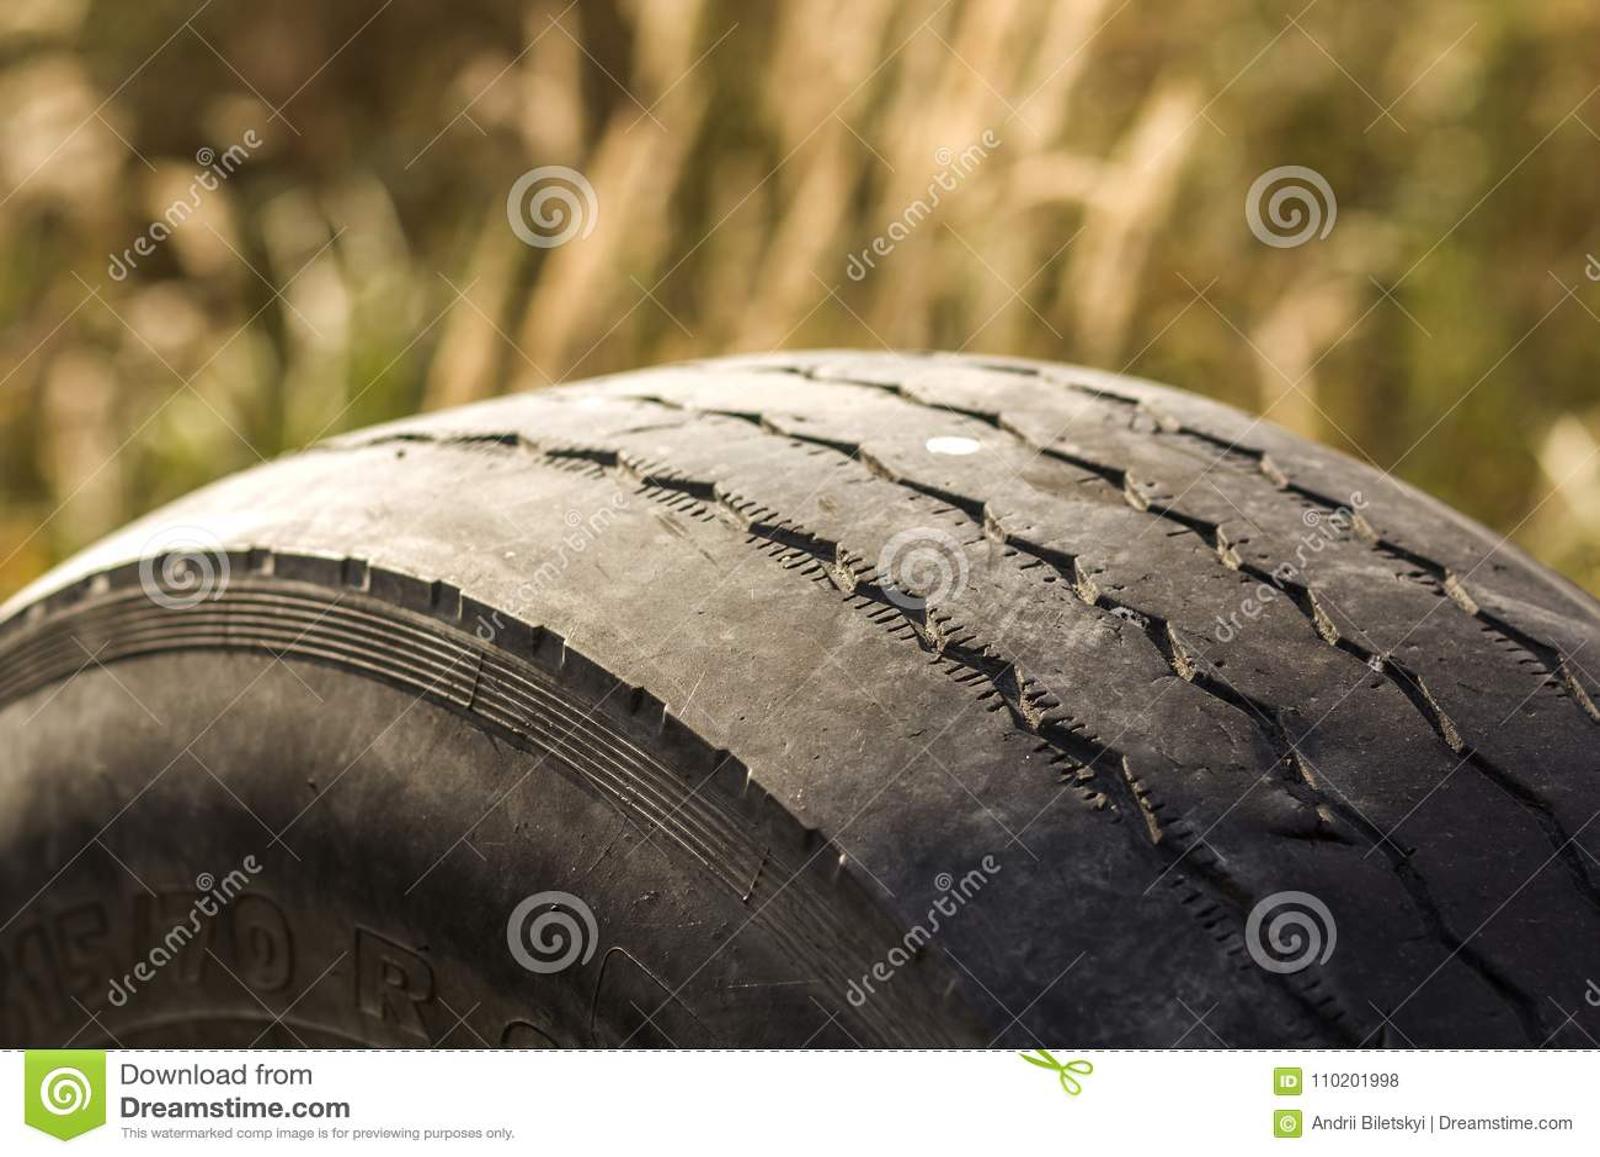 Detalhe do close-up de pneu da roda de carro vestido mal e calvo devido ao seguimento dos pobres ou ao alinhamento das rodas